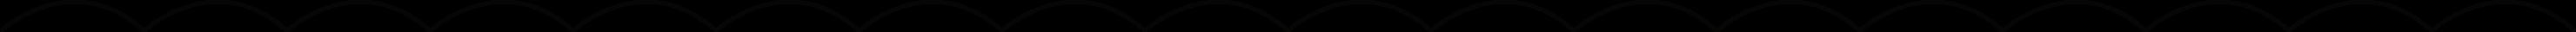 curved-divider